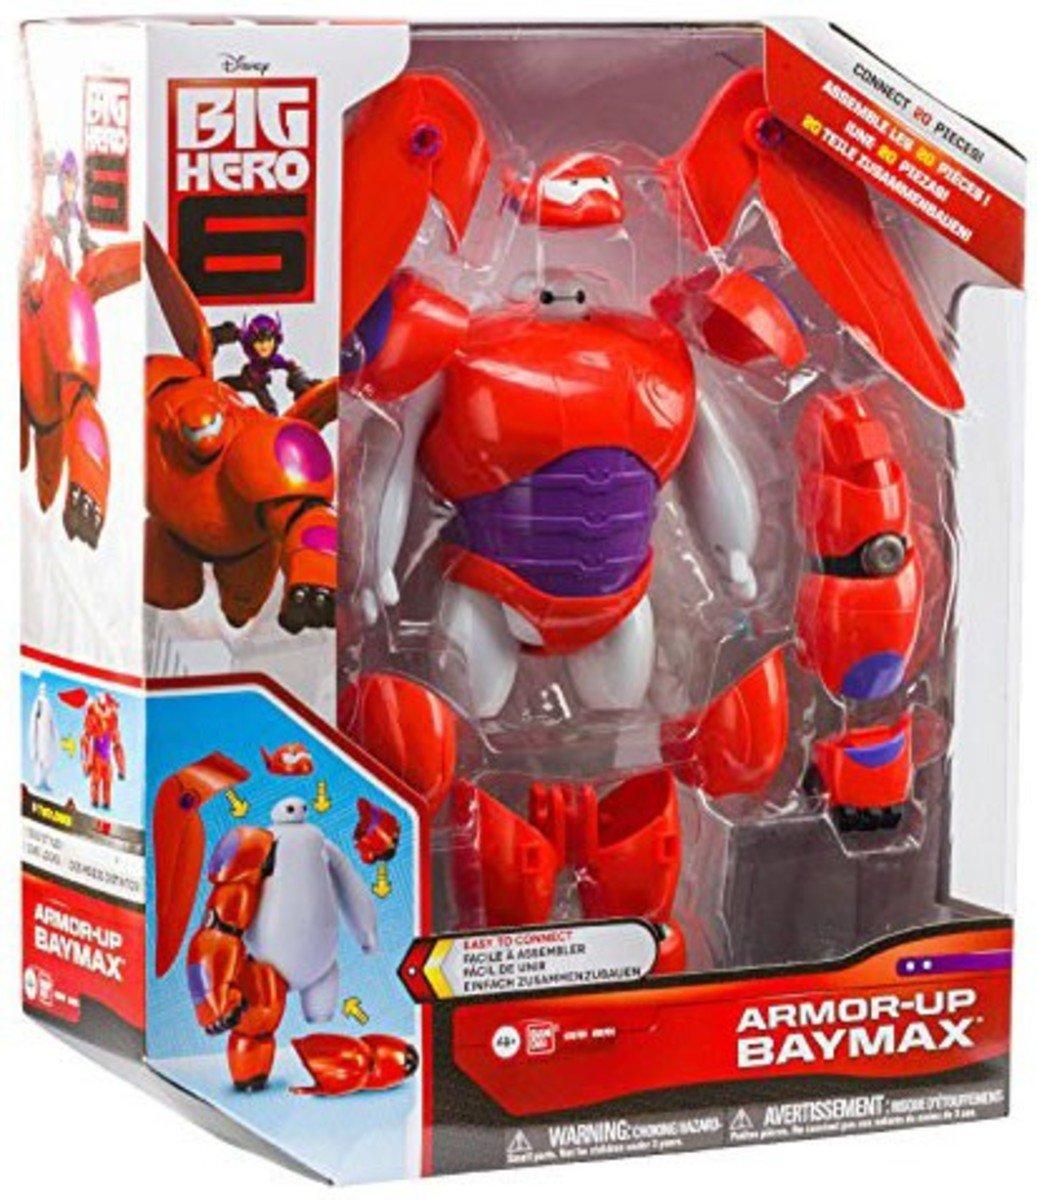 迪士尼 大英雄聯盟- BAYMAX Armor-Up 醫神變身武裝版